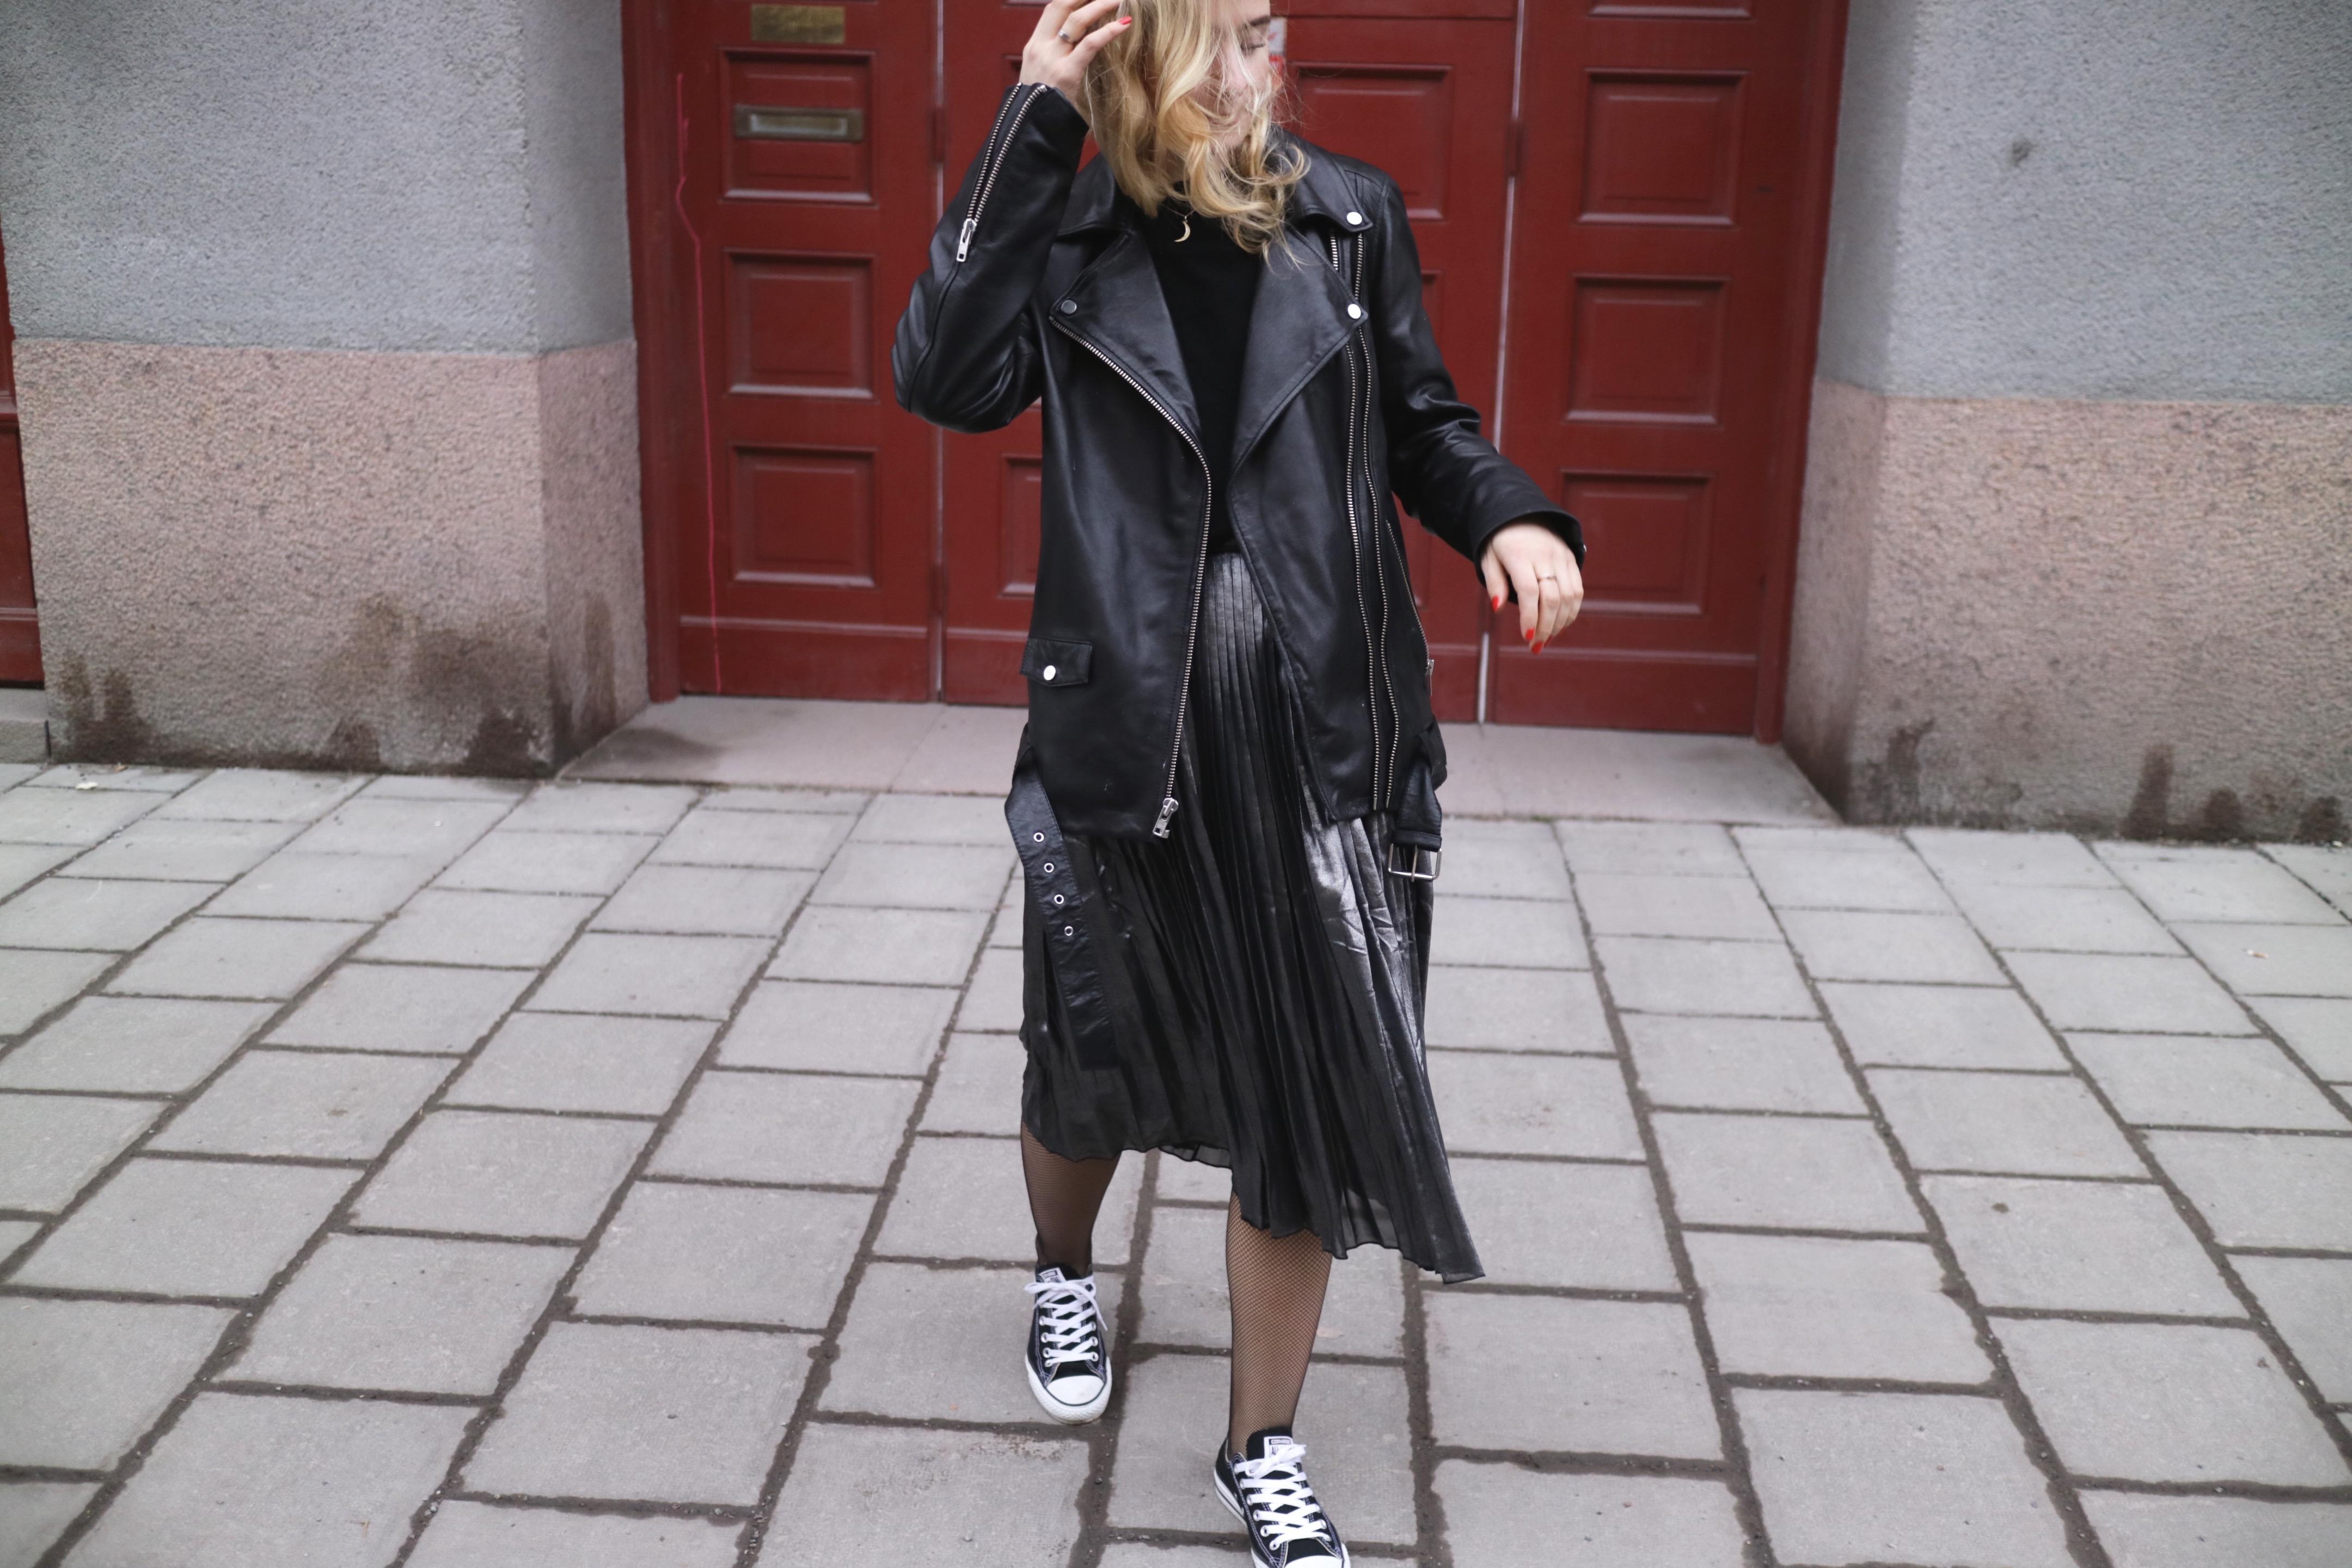 grossistpris ganska cool pålitlig kvalitet Nätstrumpbyxor - Fanny Ekstrand - Metro Mode